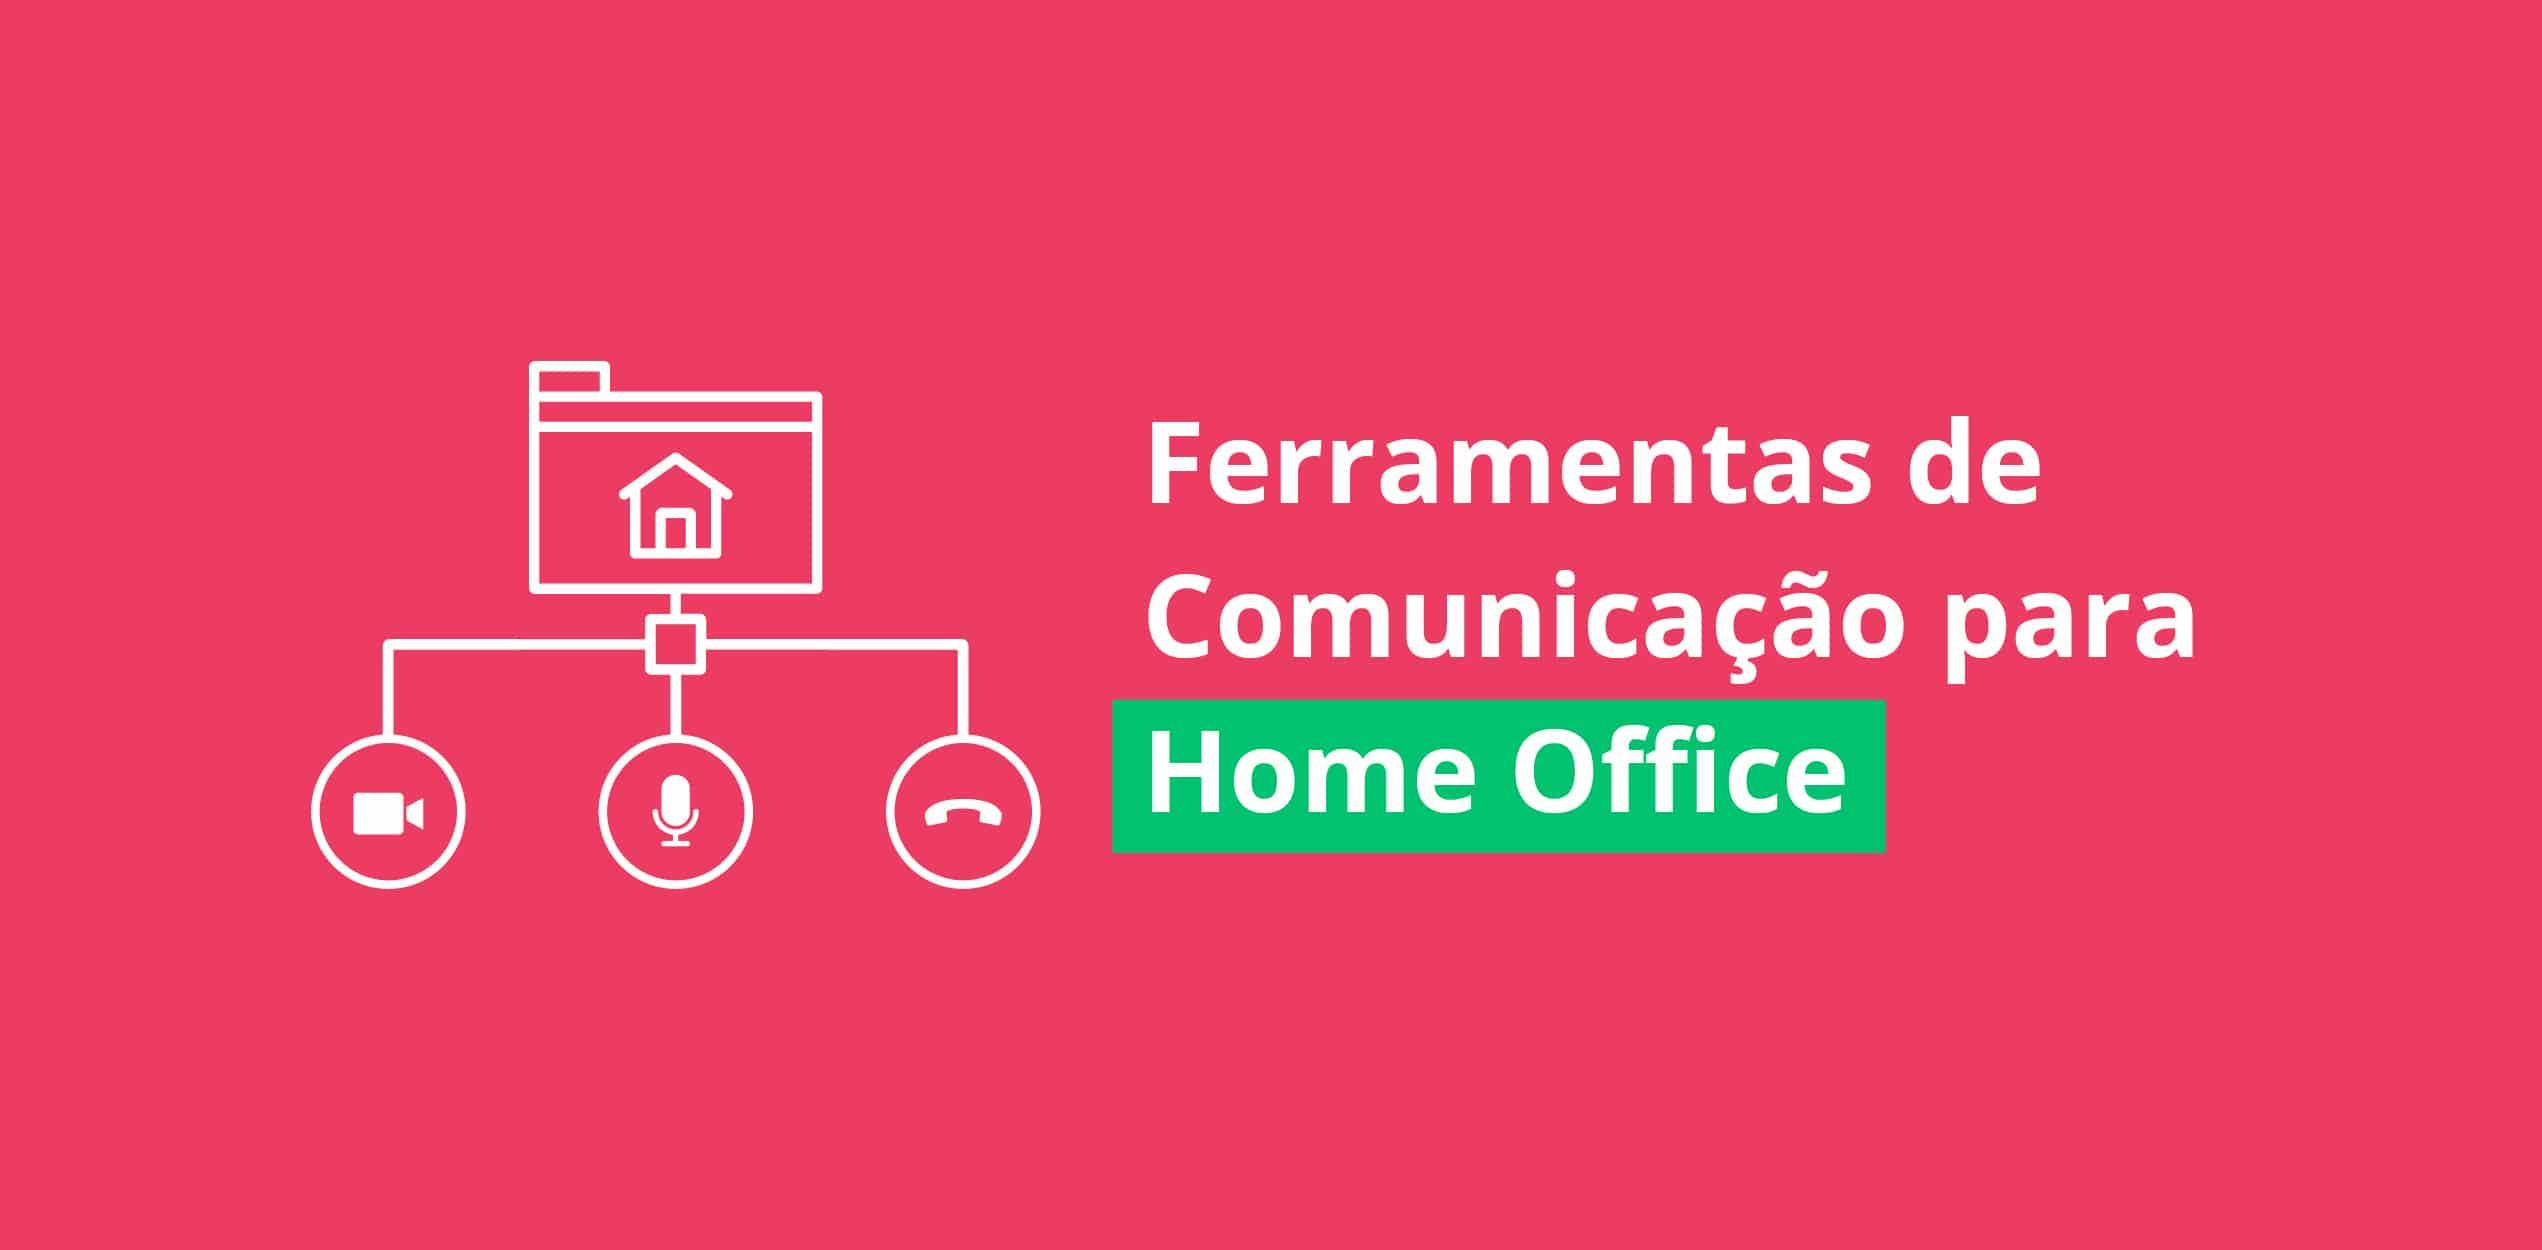 Ferramentas de Comunicação para Home Office